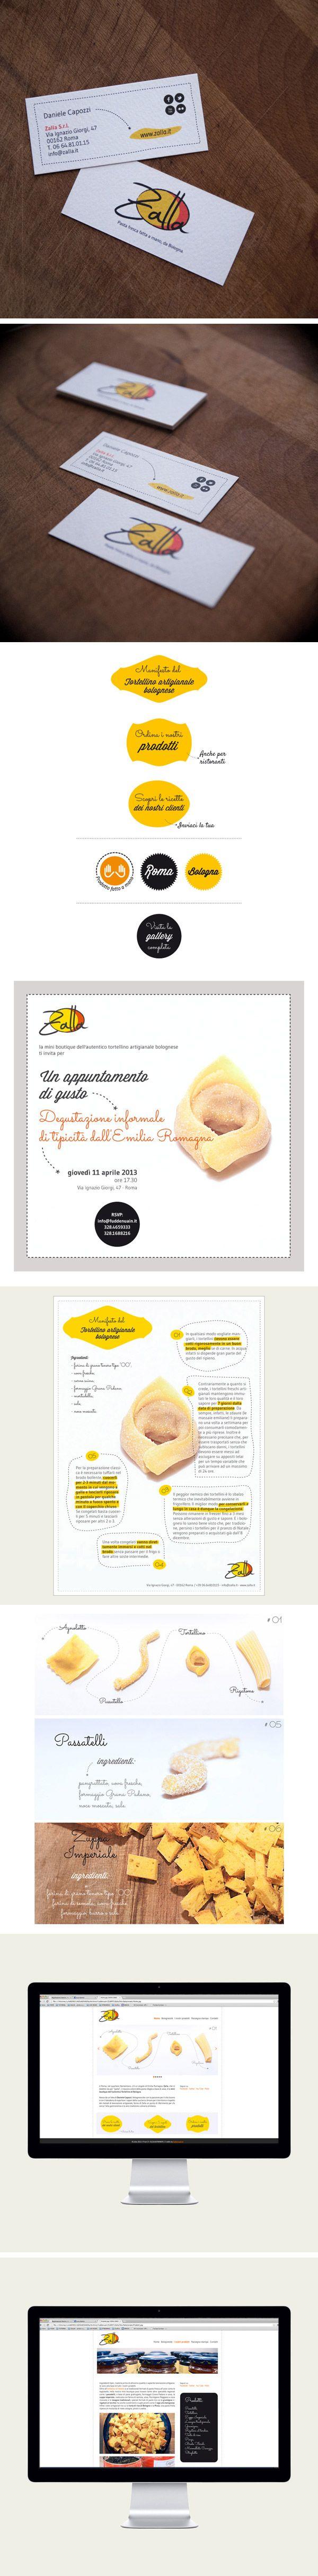 Graphic design and web design for Zalla